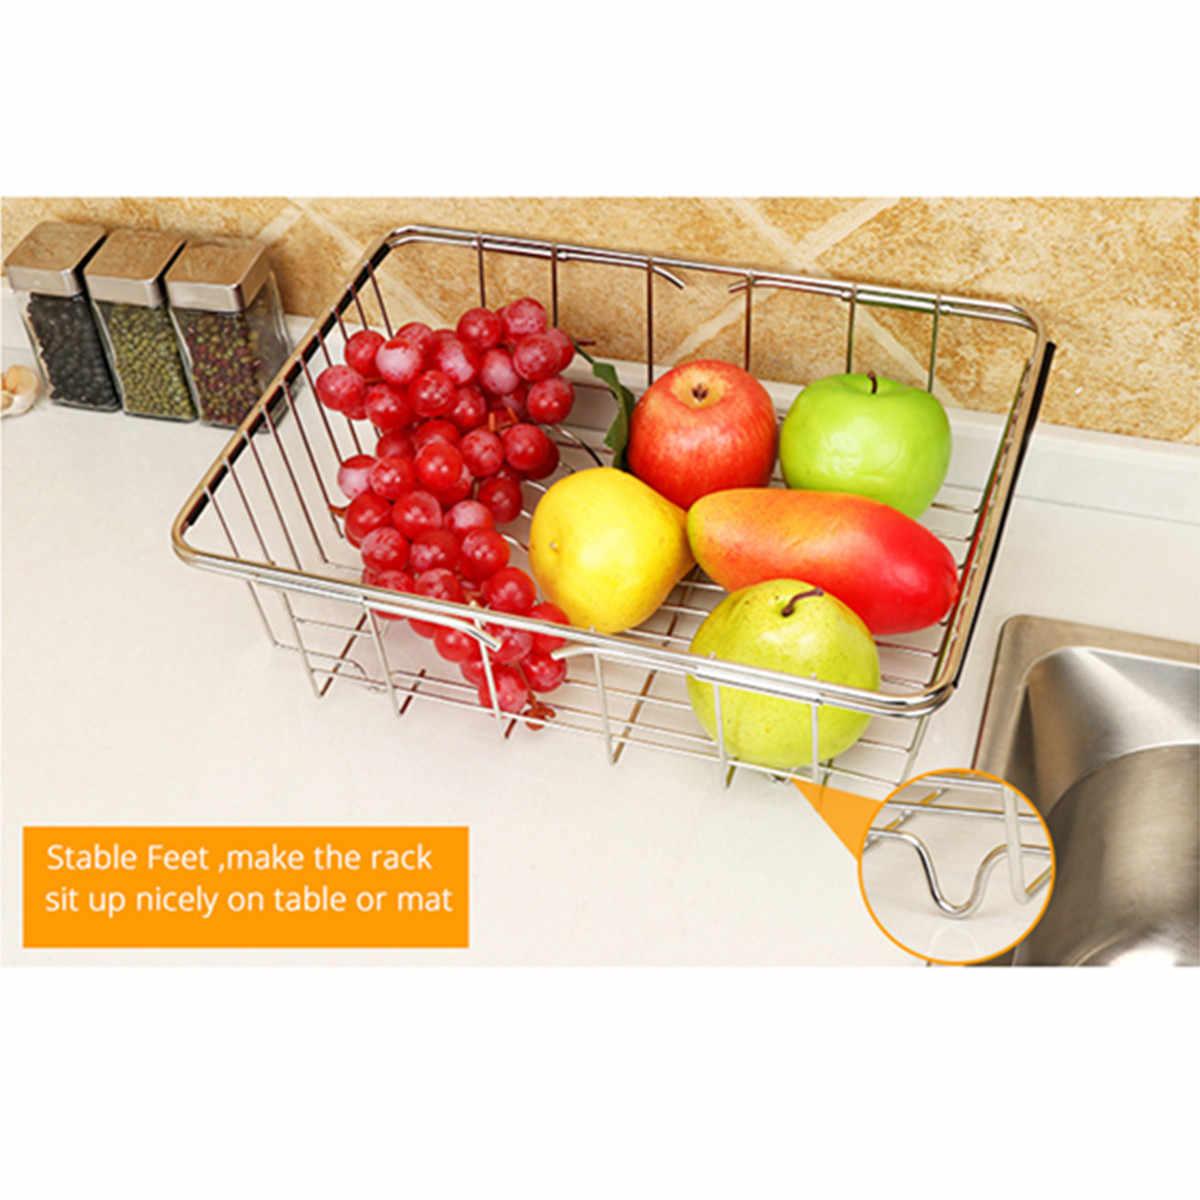 Multifungsi Adjustable Sink Dish Pengeringan Rack Stainless Steel Rak Penyimpanan Organizer Dapur Organizer Keranjang Penyimpanan